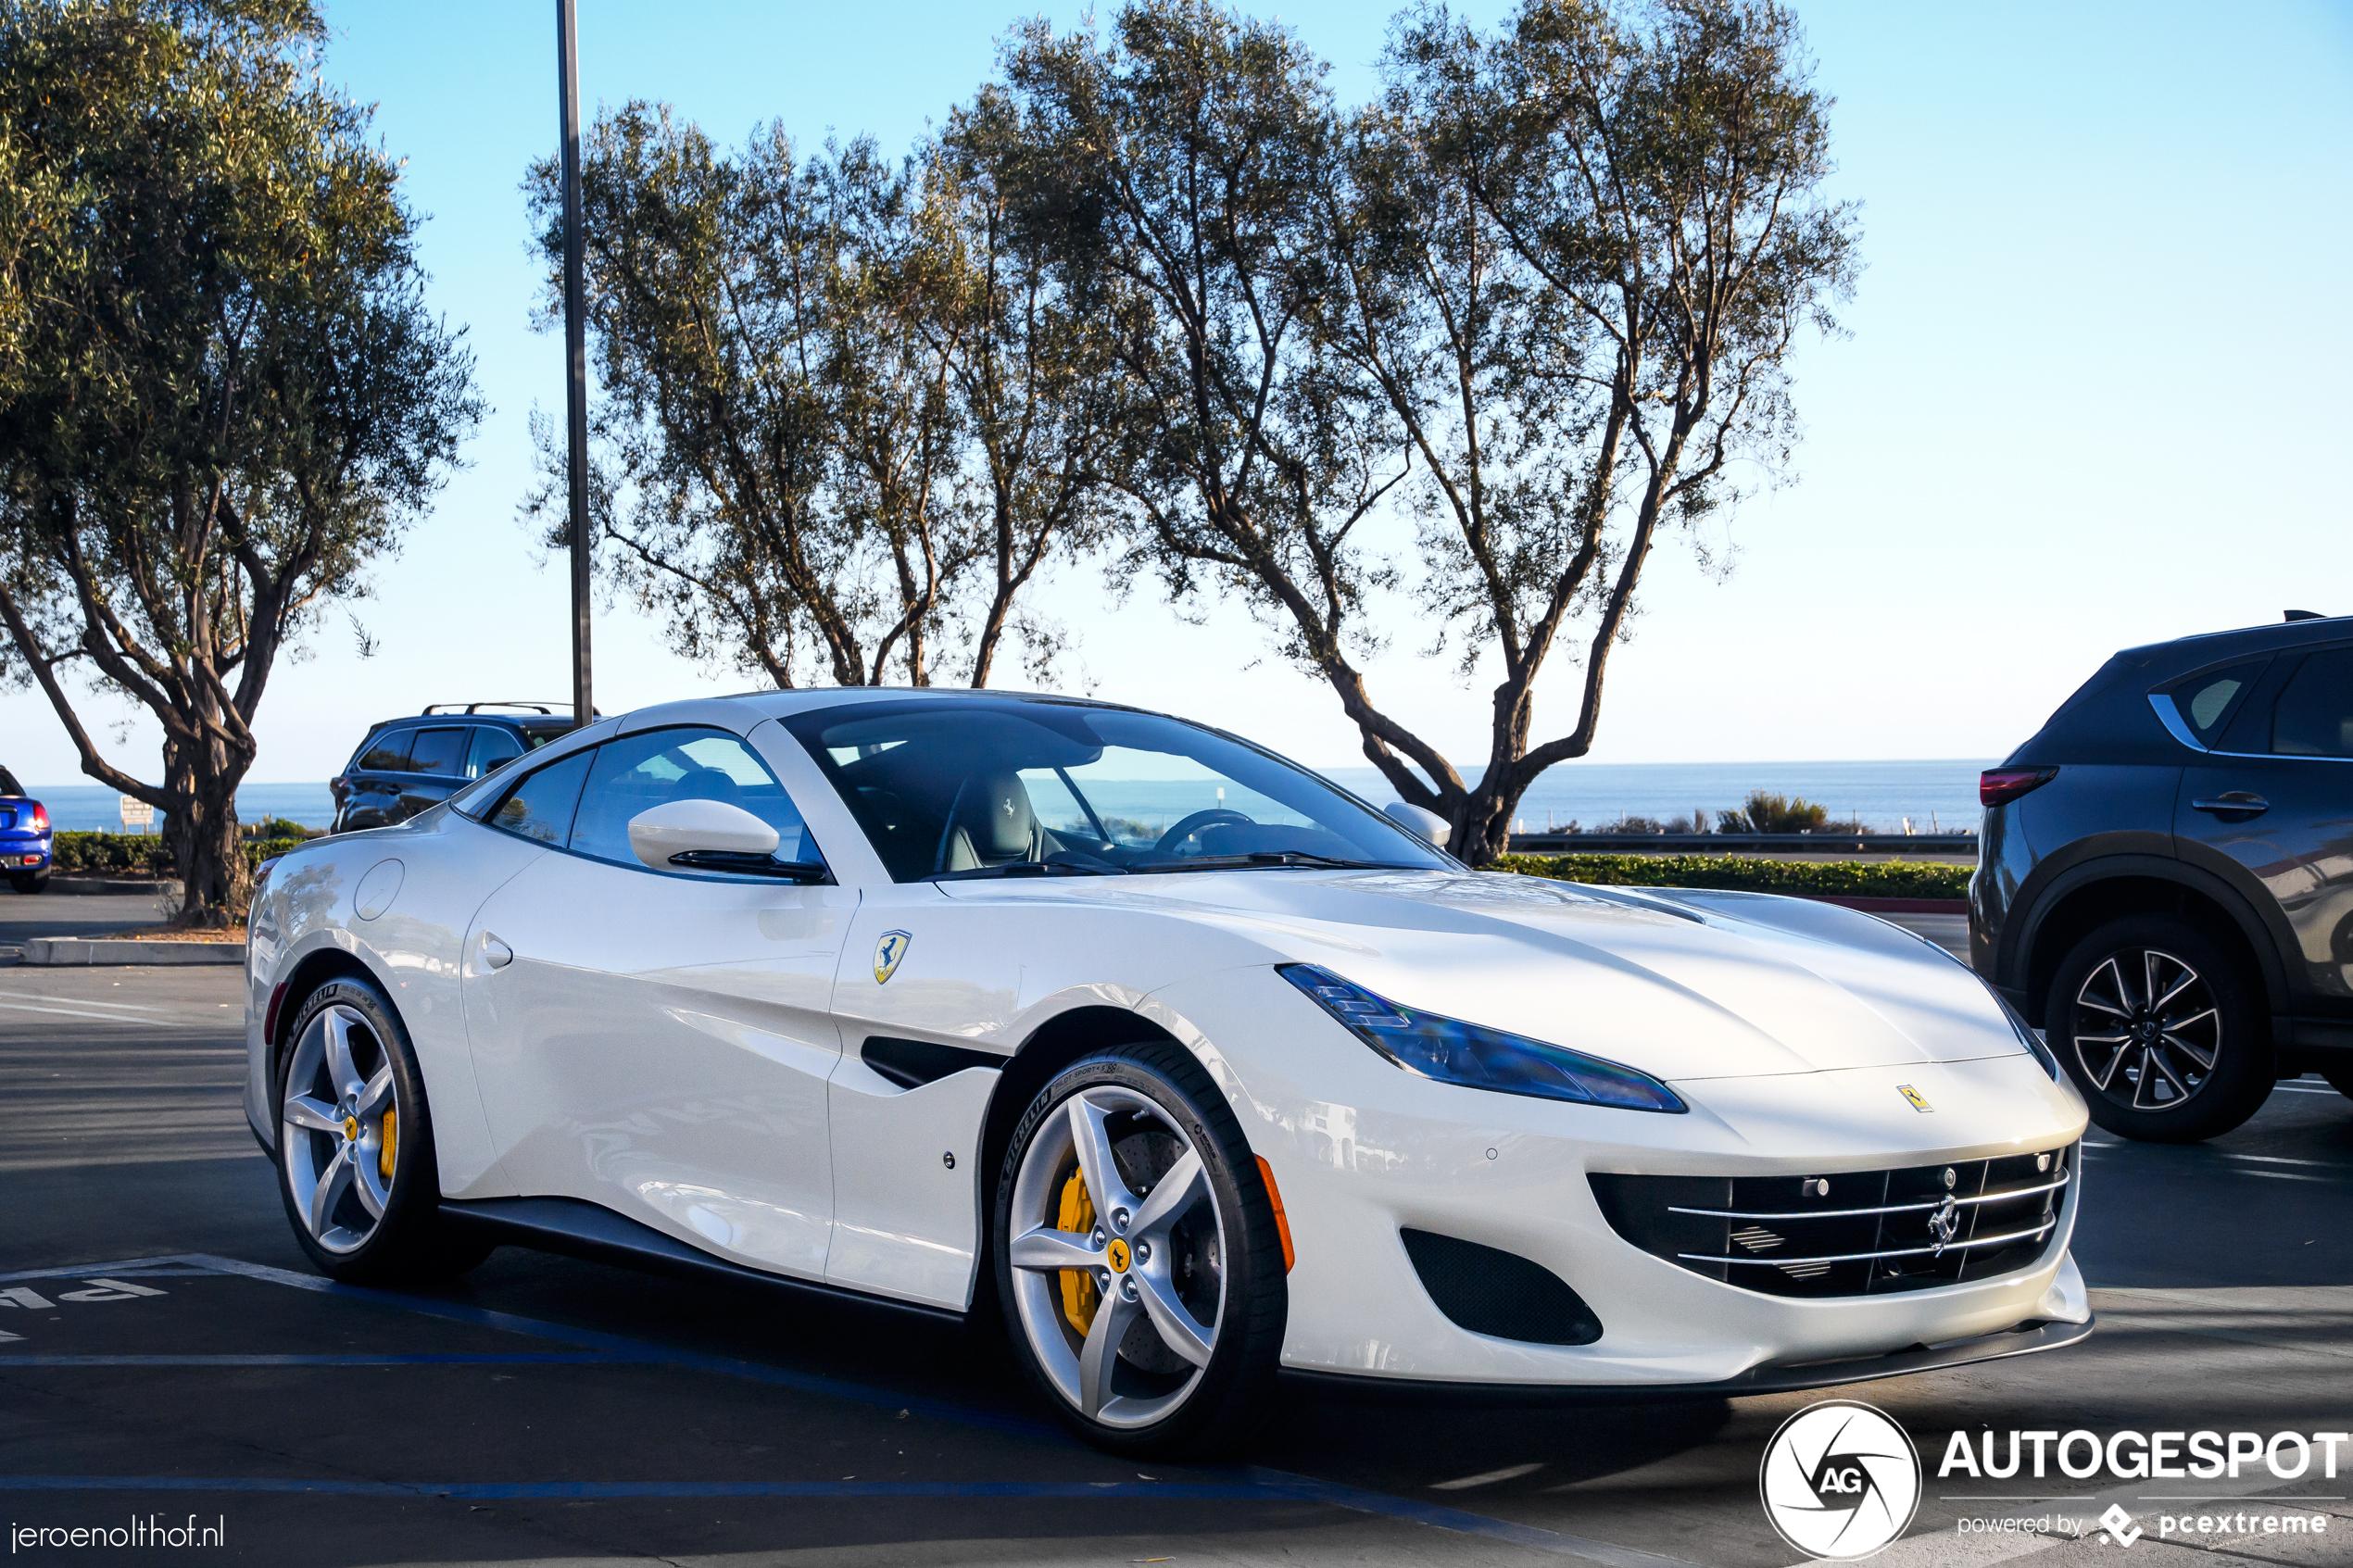 Ferrari Portofino 26 Dezember 2019 Autogespot